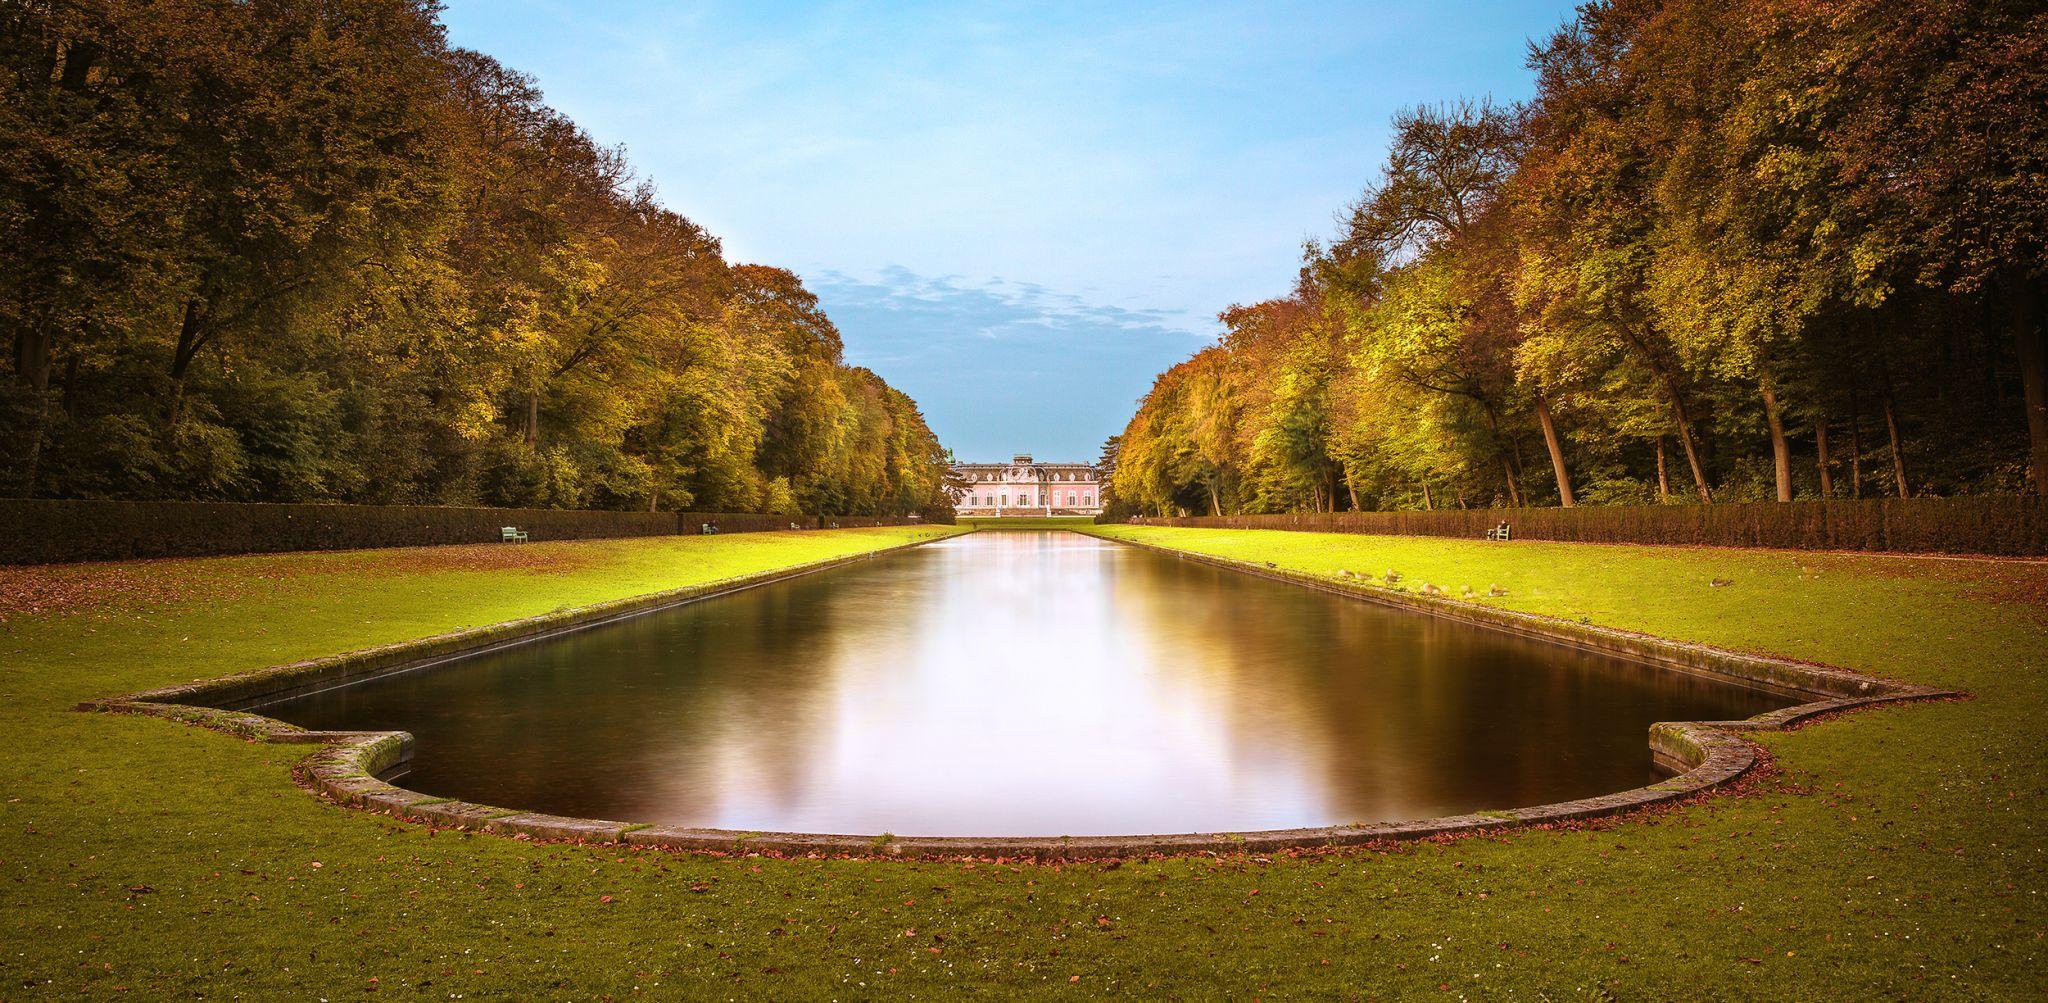 Schloss Benrath, Germany